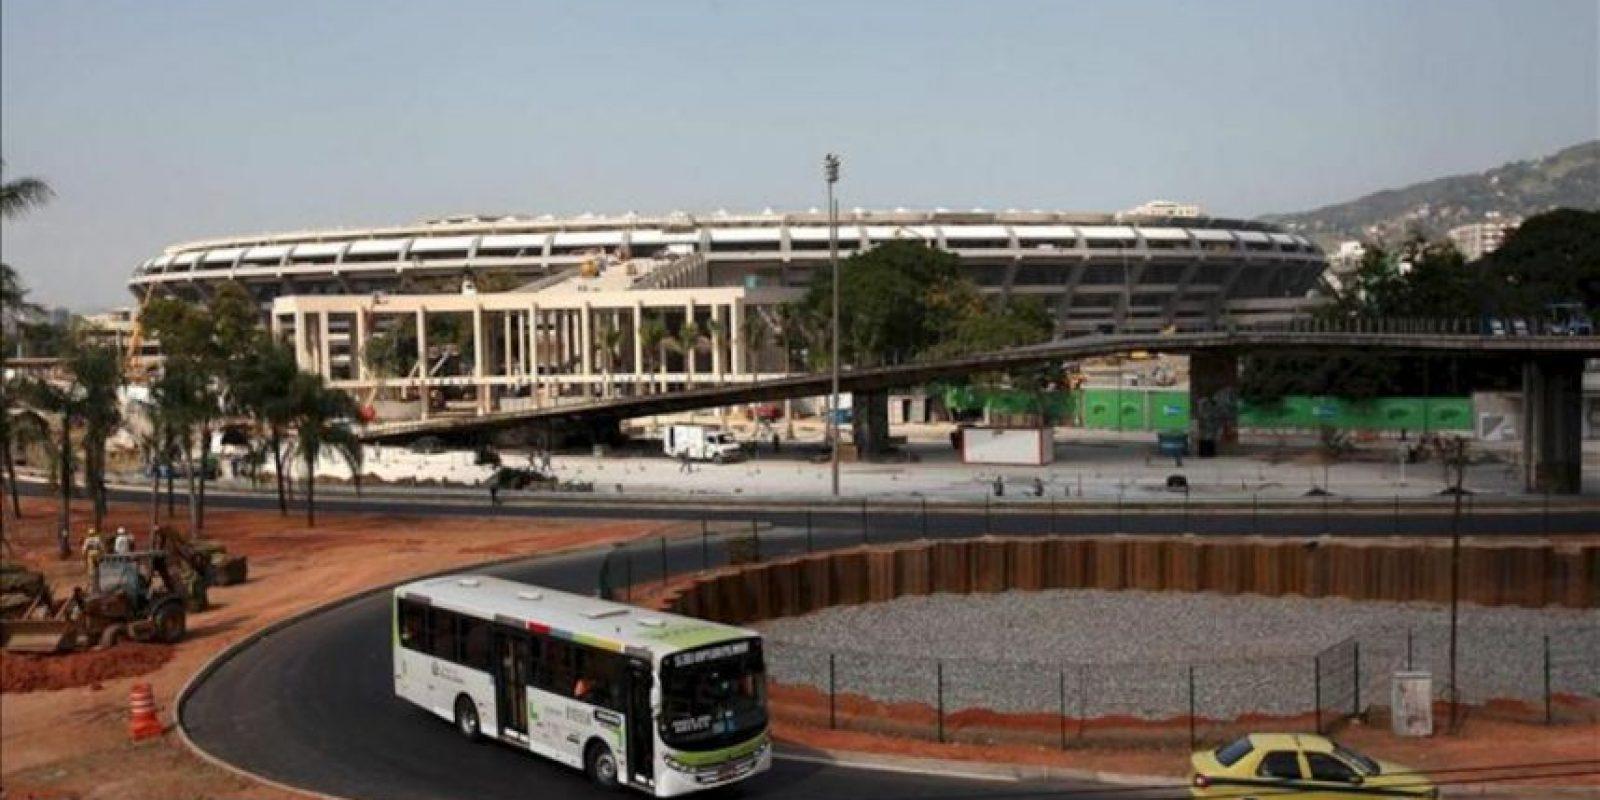 Vista del estadio Maracaná de Río de Janeiro, la joya del Mundial de 2014, que se reinaugurará este sábado, tras una reforma integral, con la presencia de la jefa de Estado, Dilma Rousseff, y unos 27.500 invitados. EFE